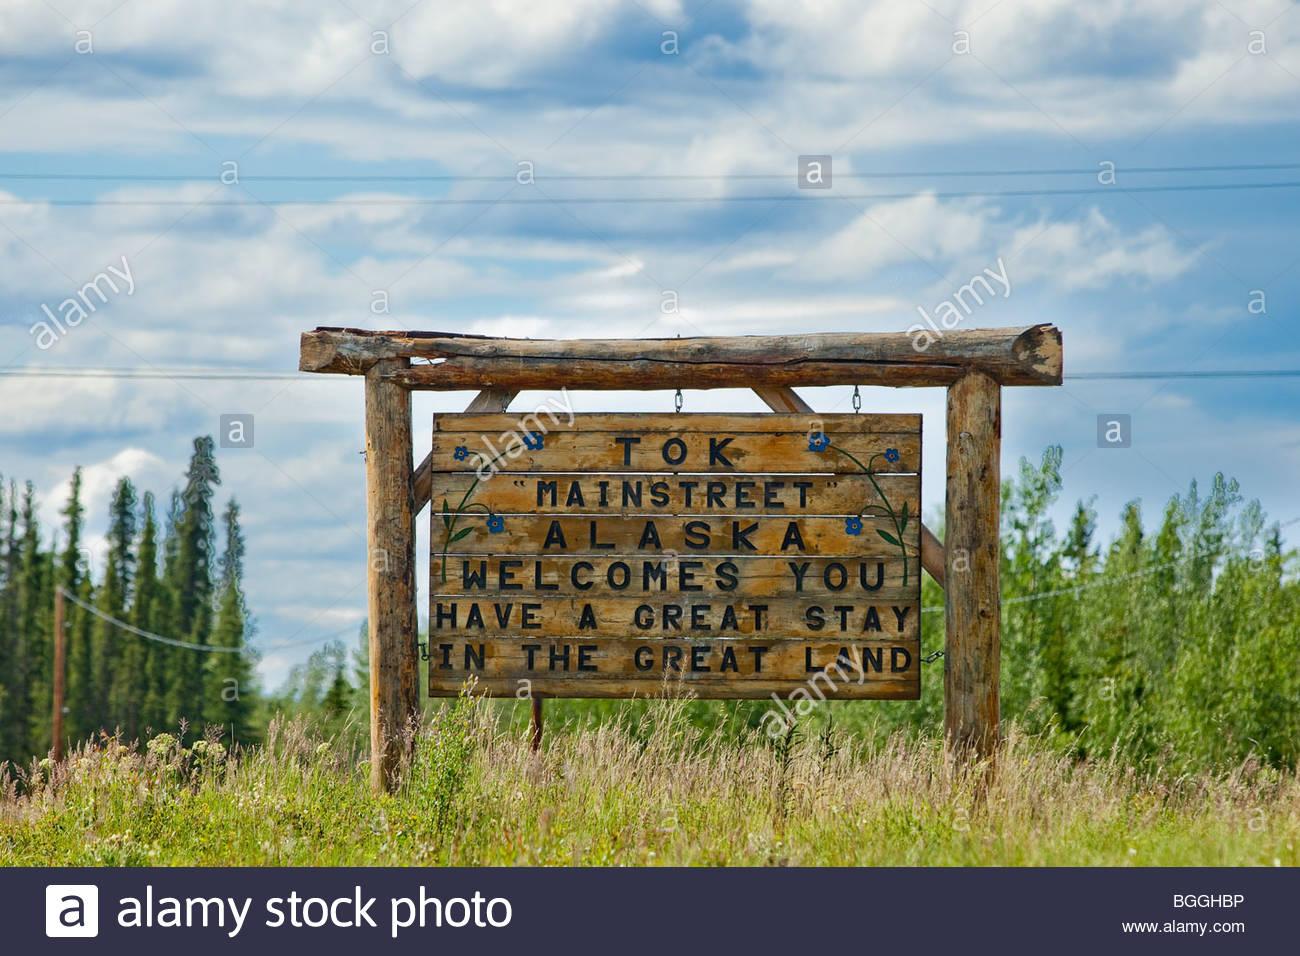 Alaska, Tok. Welcome to Tok sign. Summer. - Stock Image